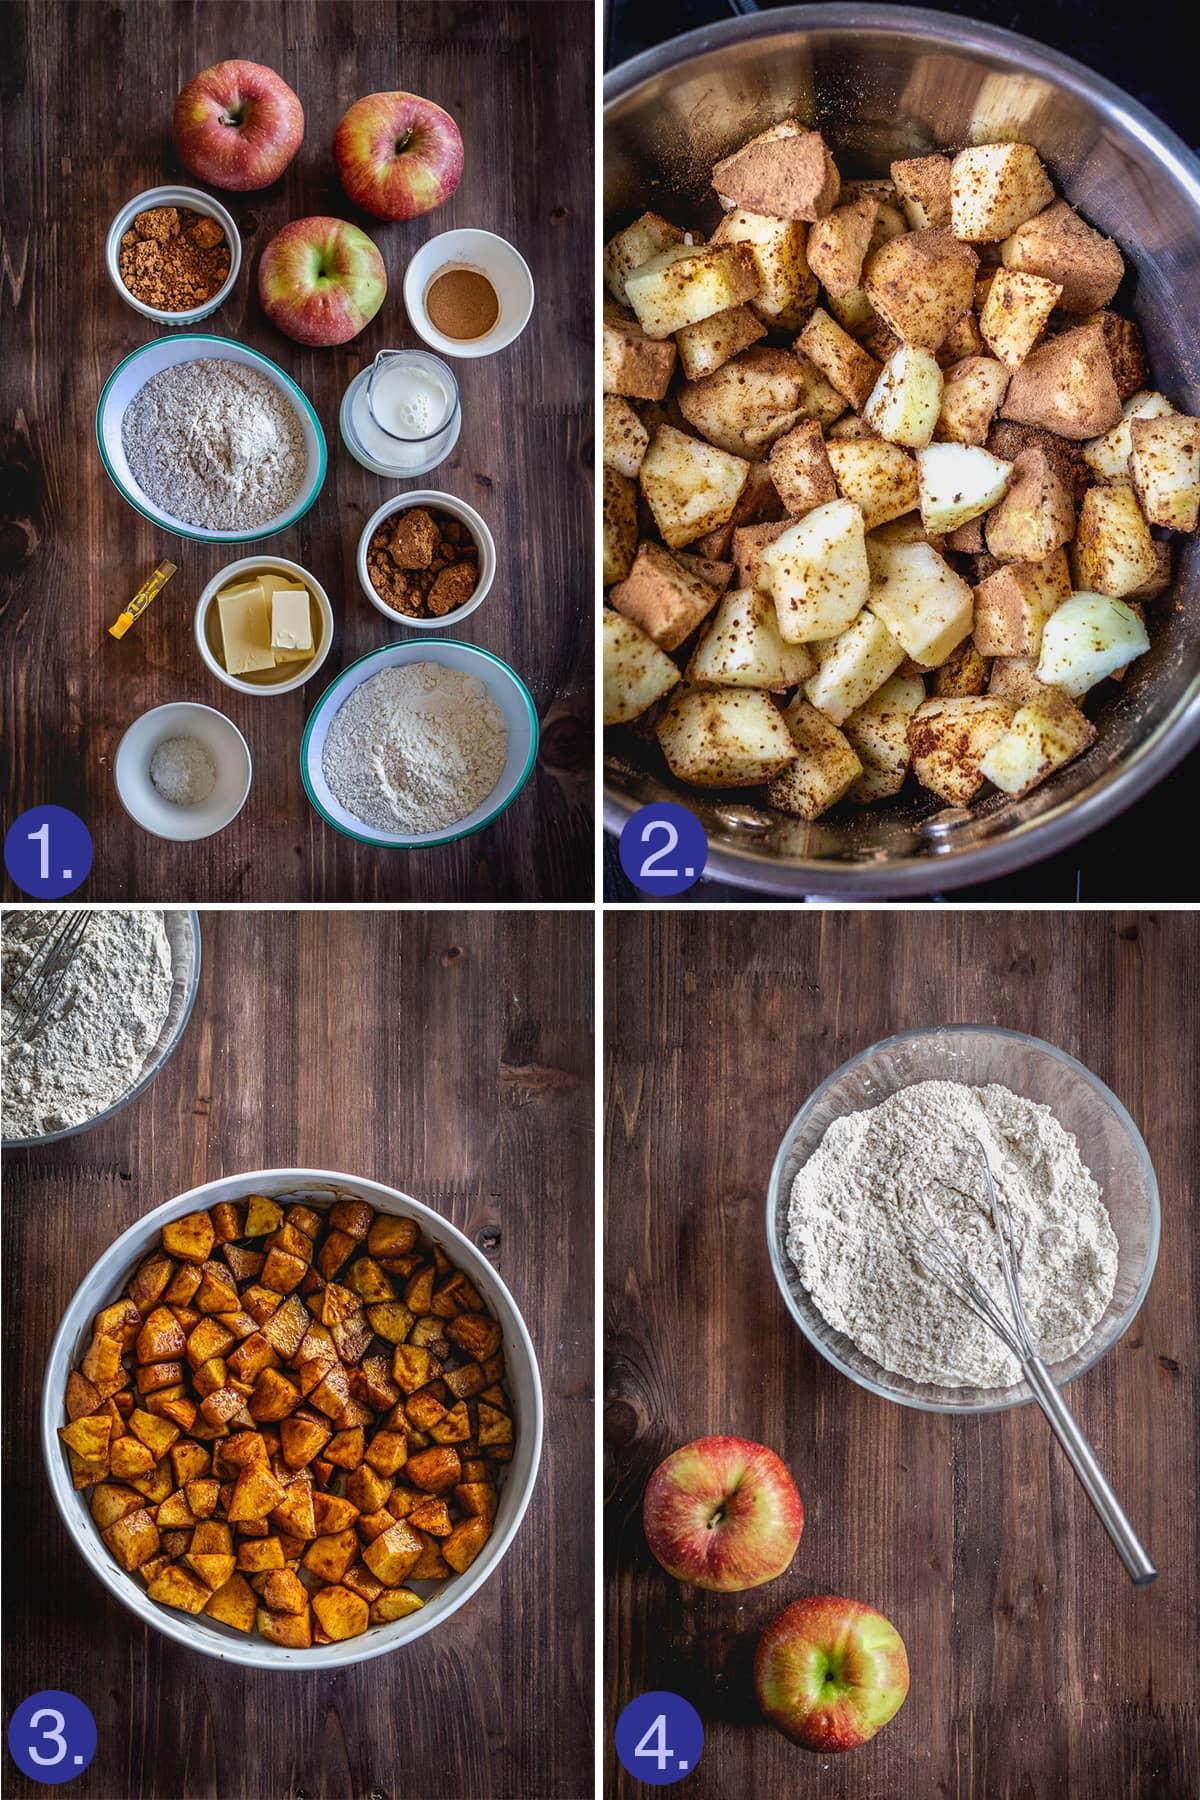 steps to make apple cobbler